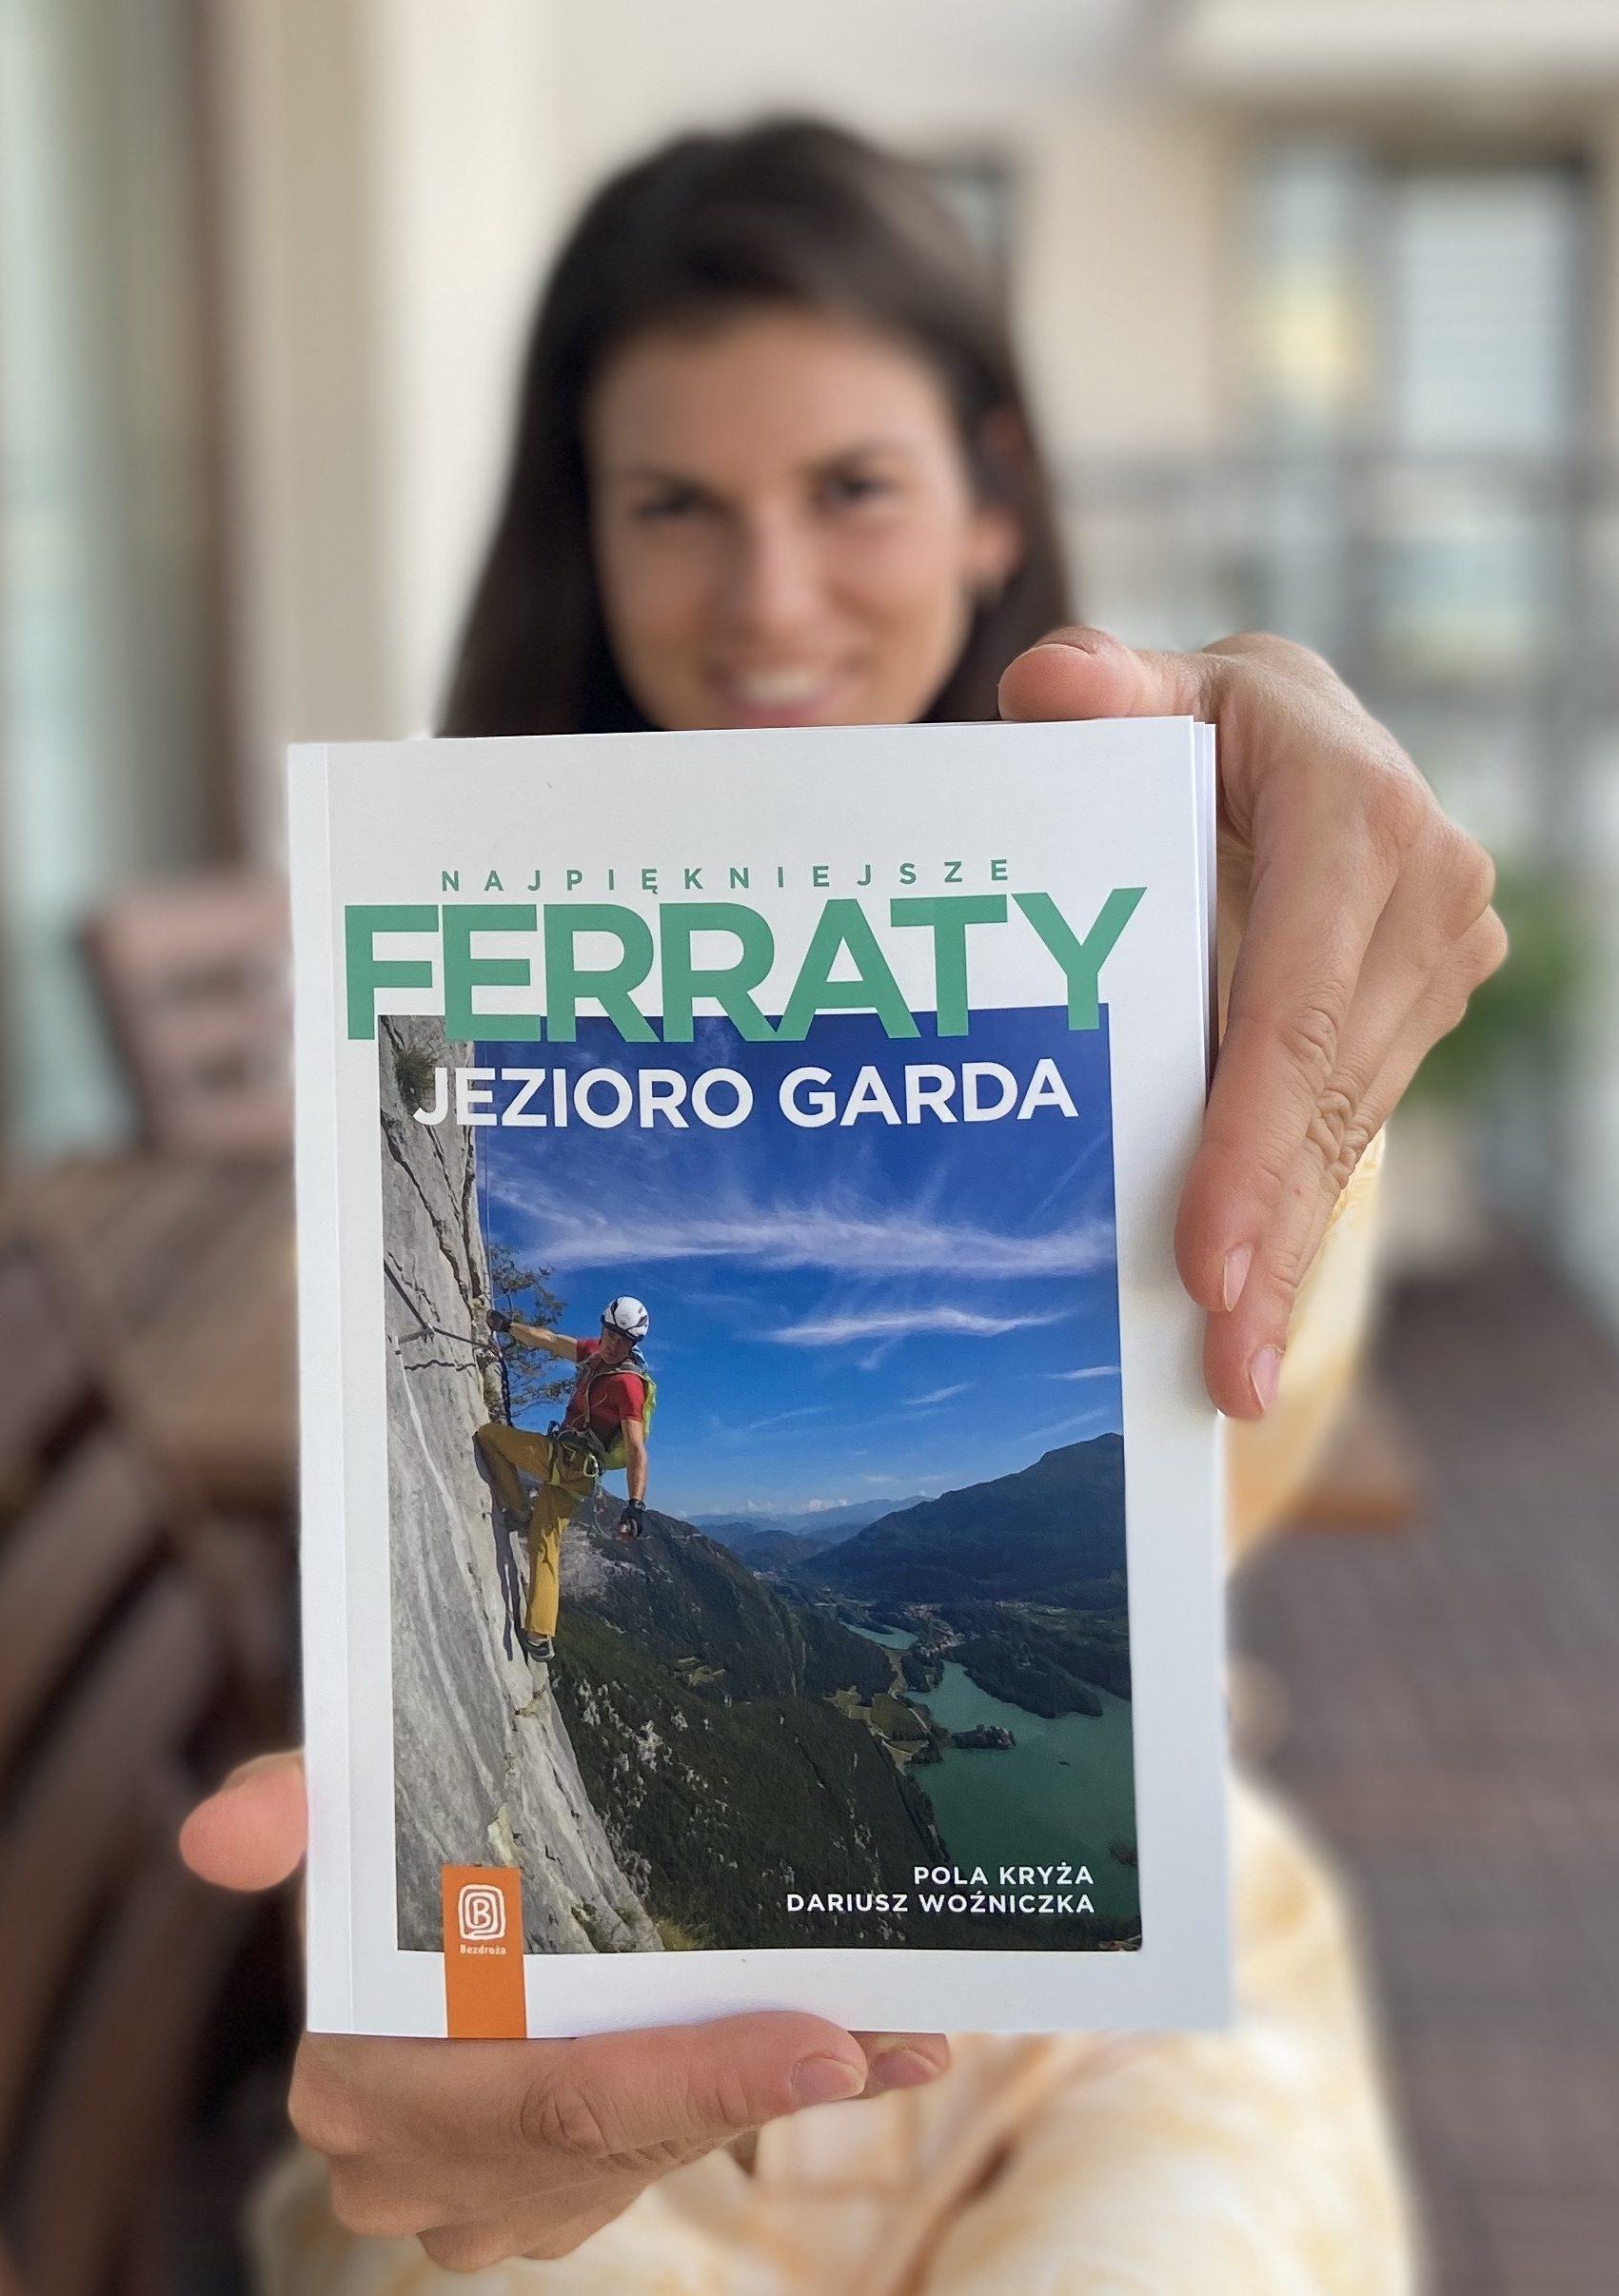 Okładka przewodnika Najpiekniejsze Ferraty - Jezioro Garda